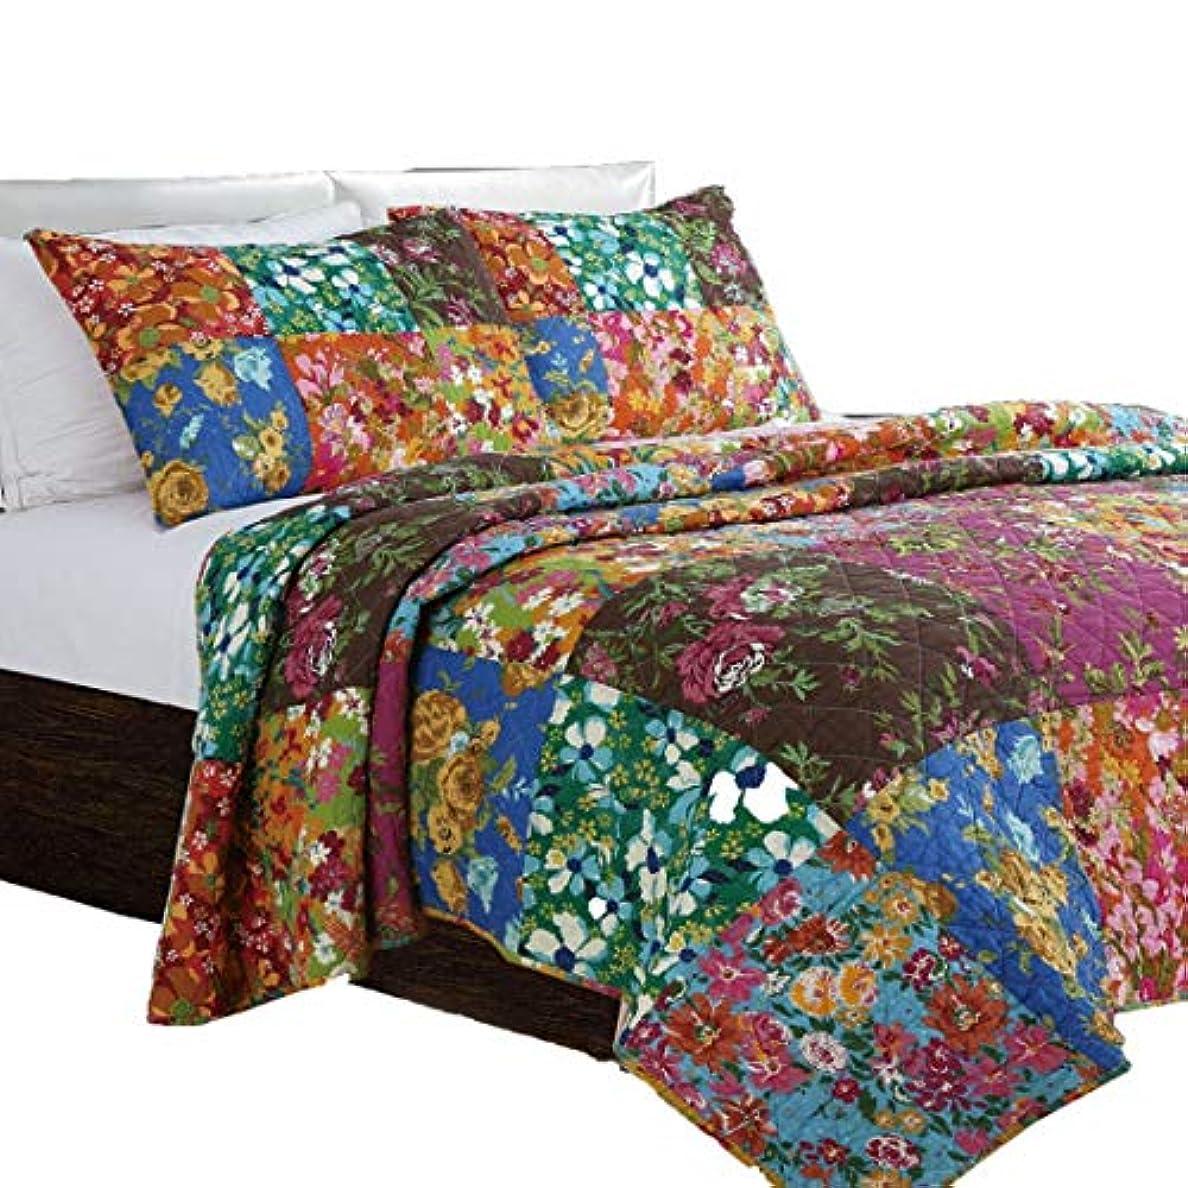 橋規制鳴らすYULINGTRADE キルティングキルト、ベッド カバー コットン 3ピース ハンド ステッチキルティング シート 高級 ベッド シート セット (色 : Multicolor)